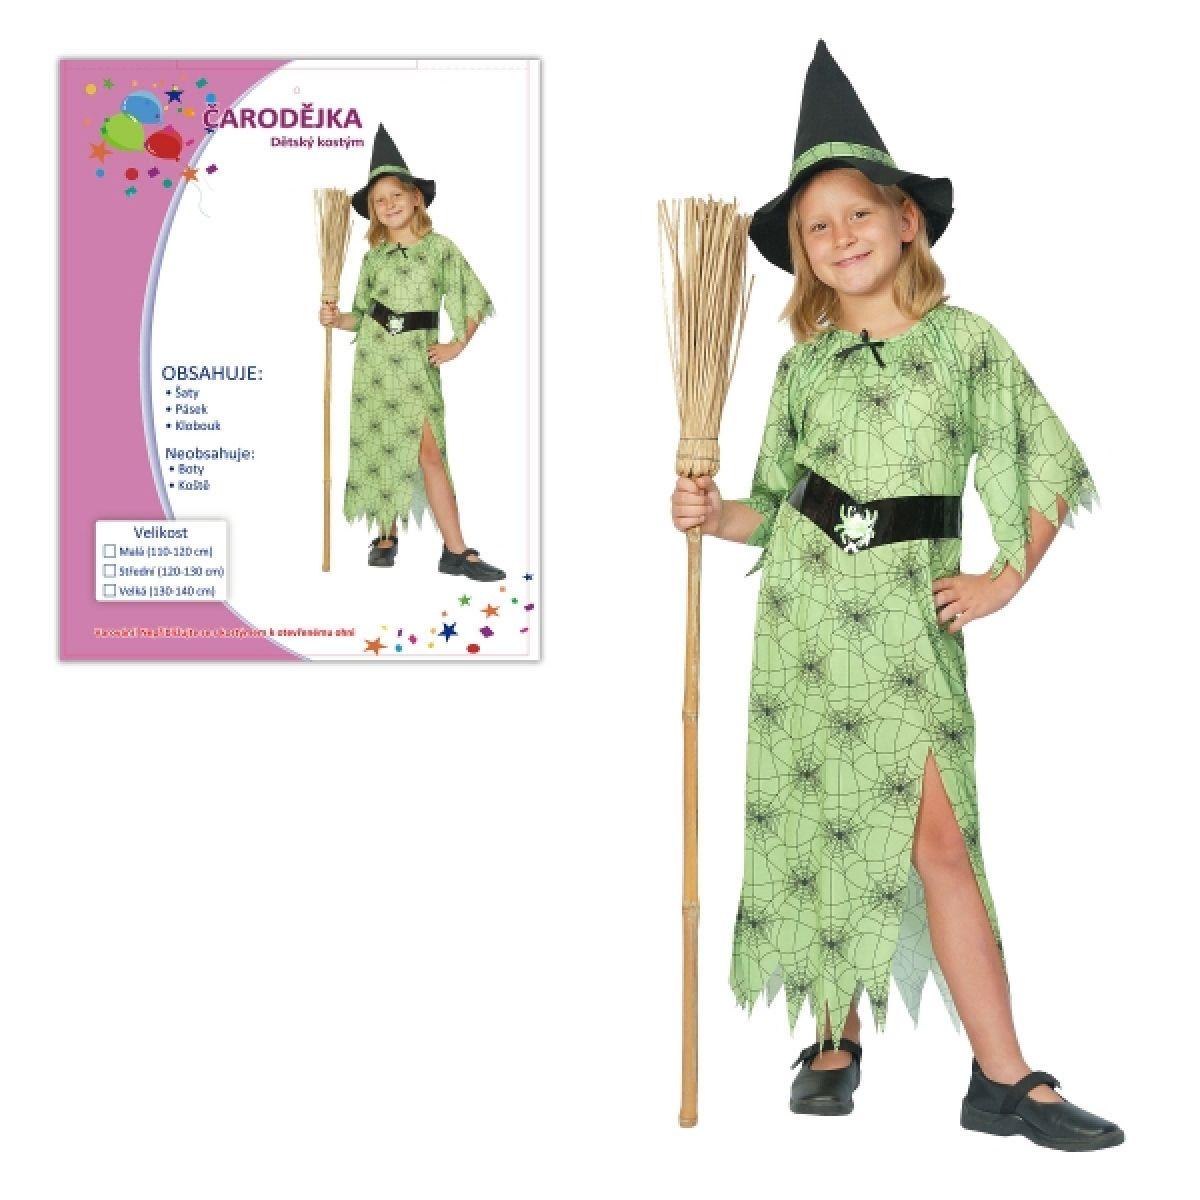 Dětský kostým Čarodějka 120-130cm